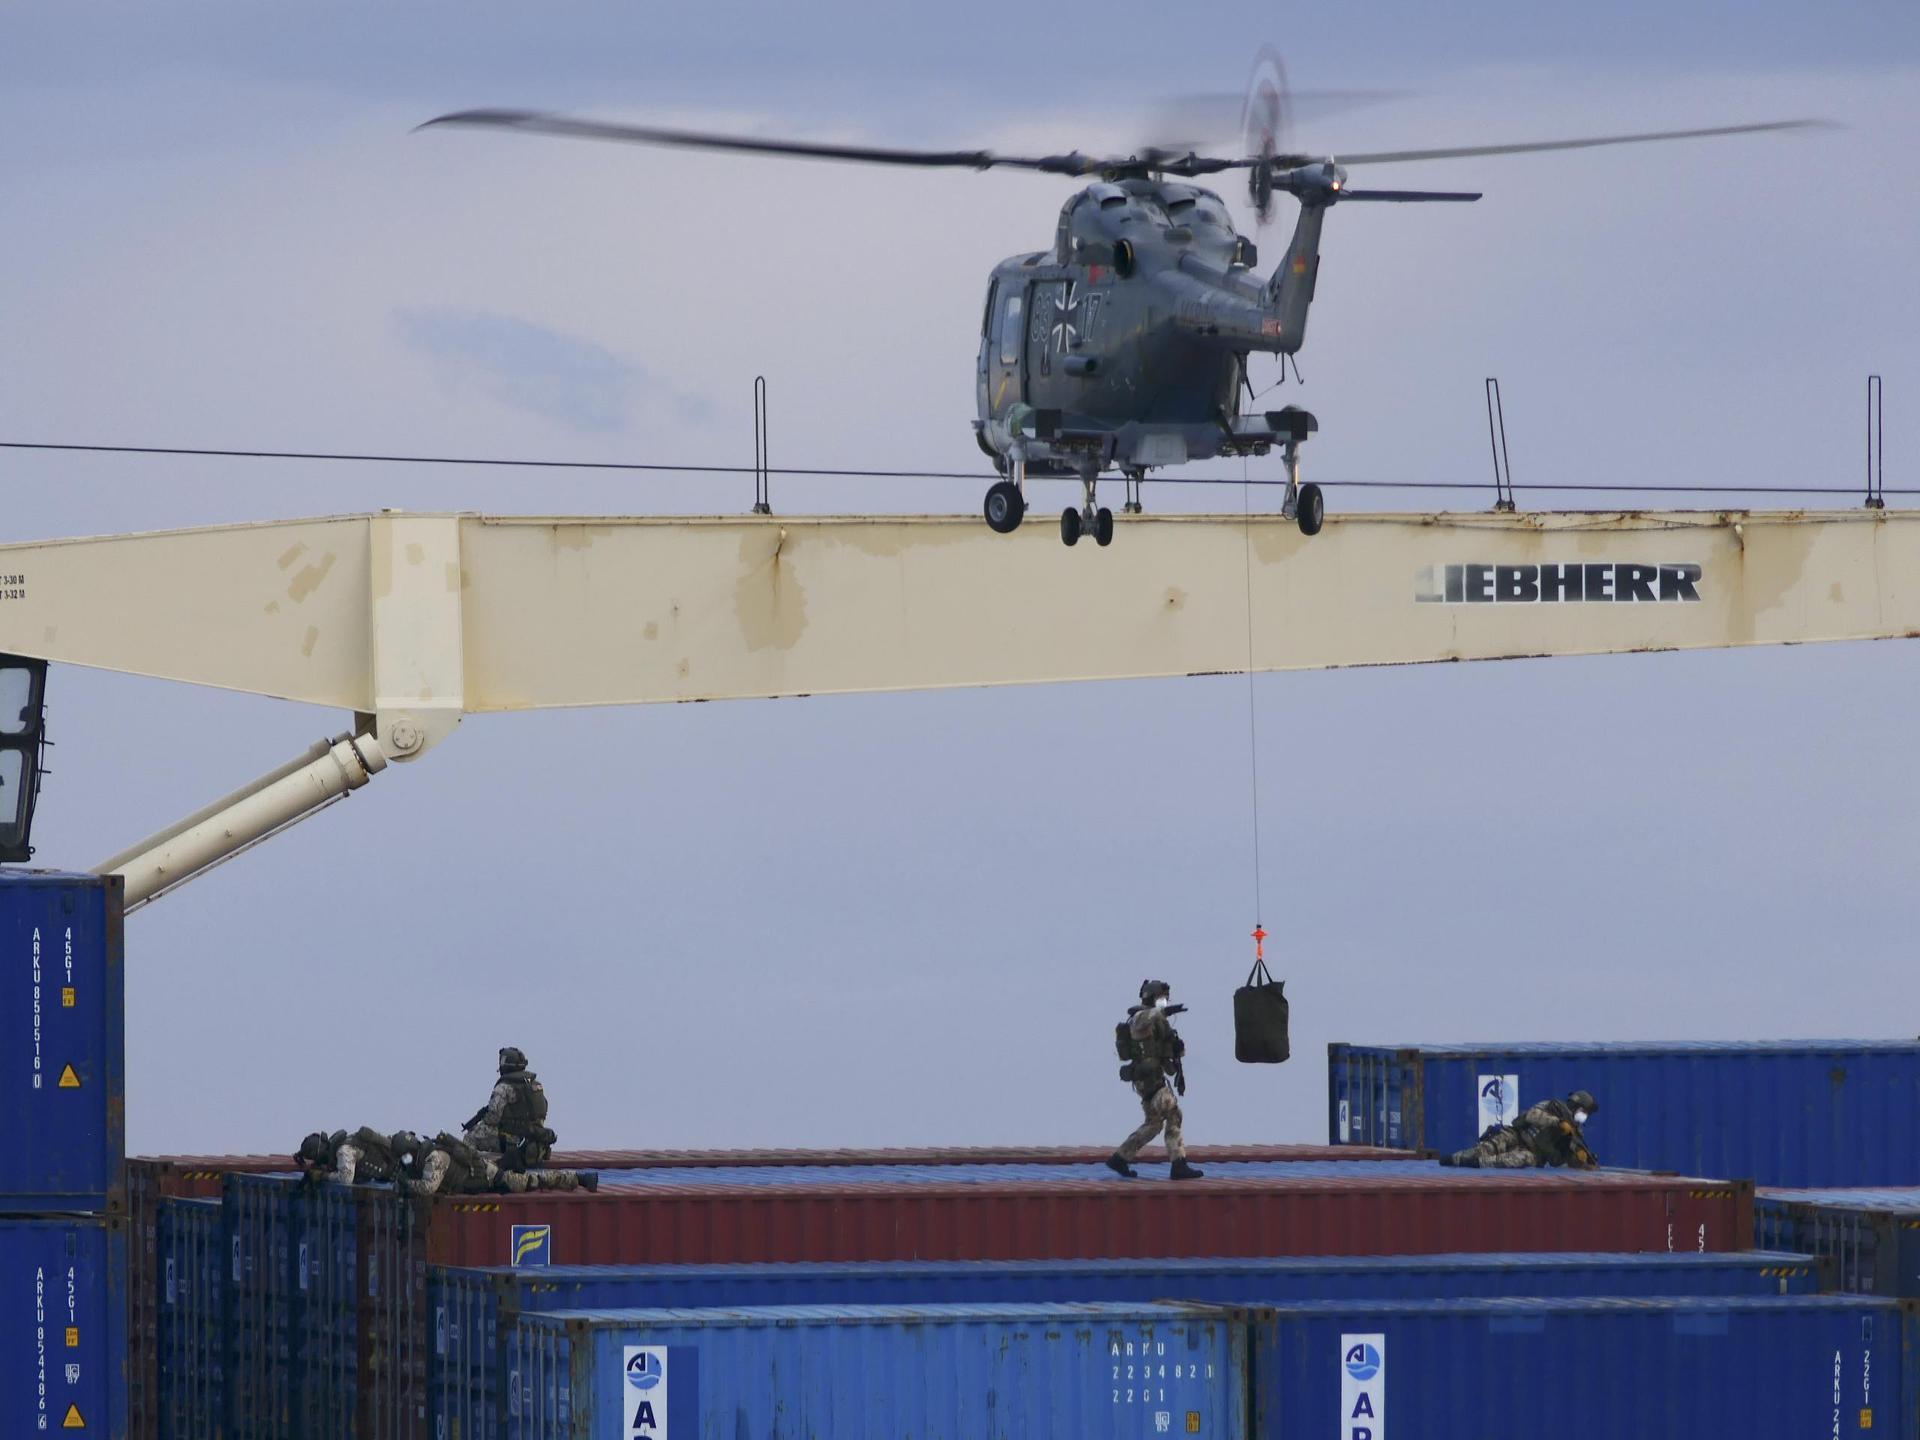 Umstrittener Bundeswehreinsatz: Dokument belastet Türkei Verdacht auf Waffenlieferungen